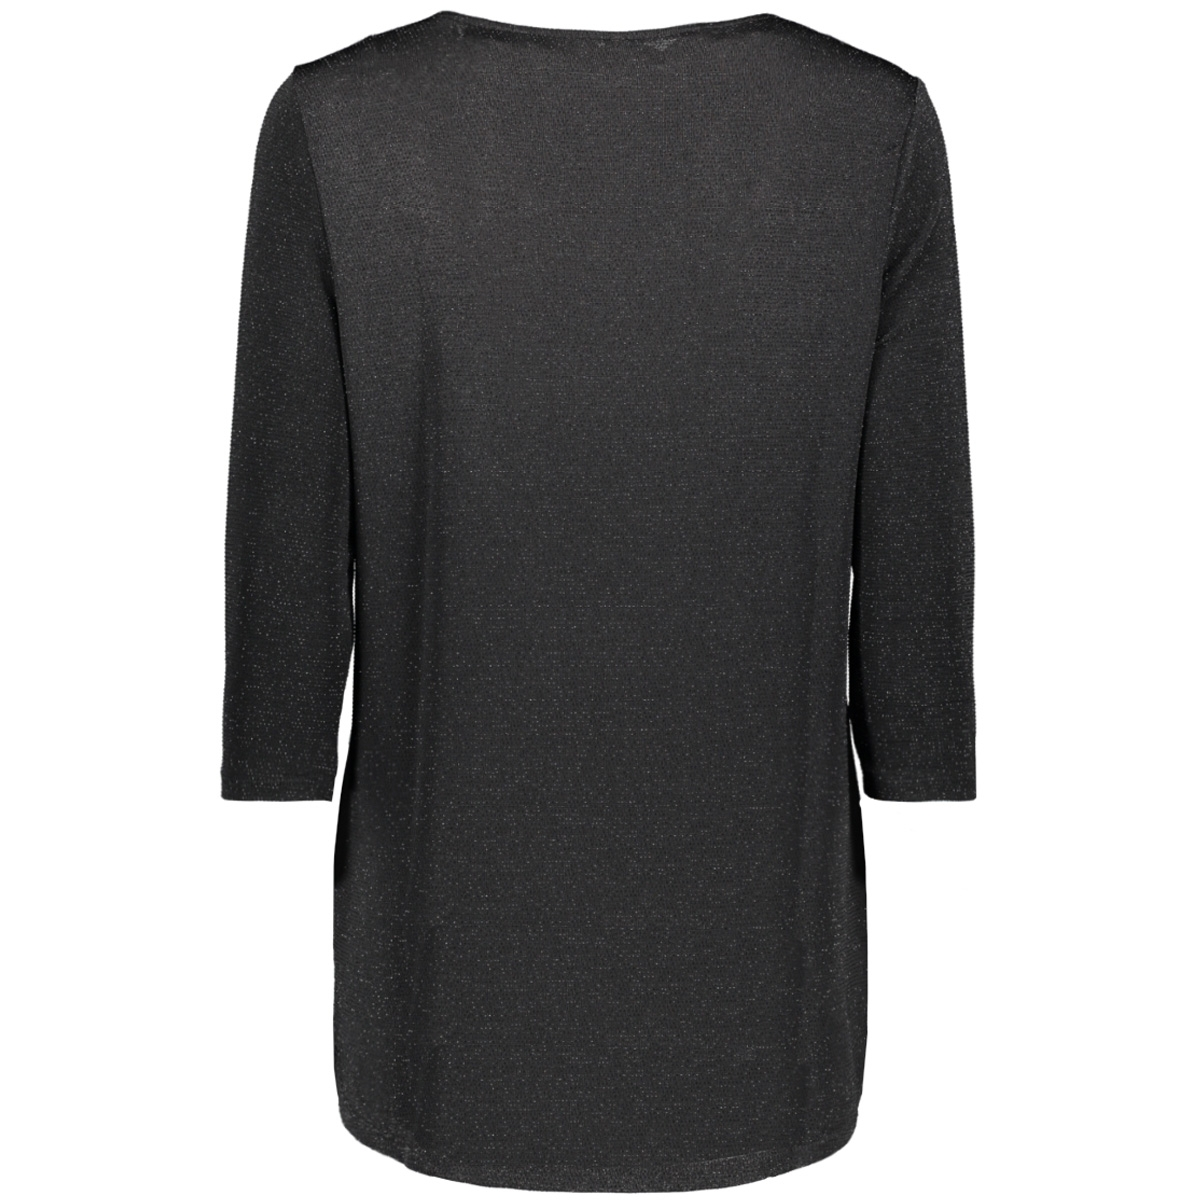 onlqueen elcos 3/4 glitter  top jrs 15195551 only t-shirt black/black lurex